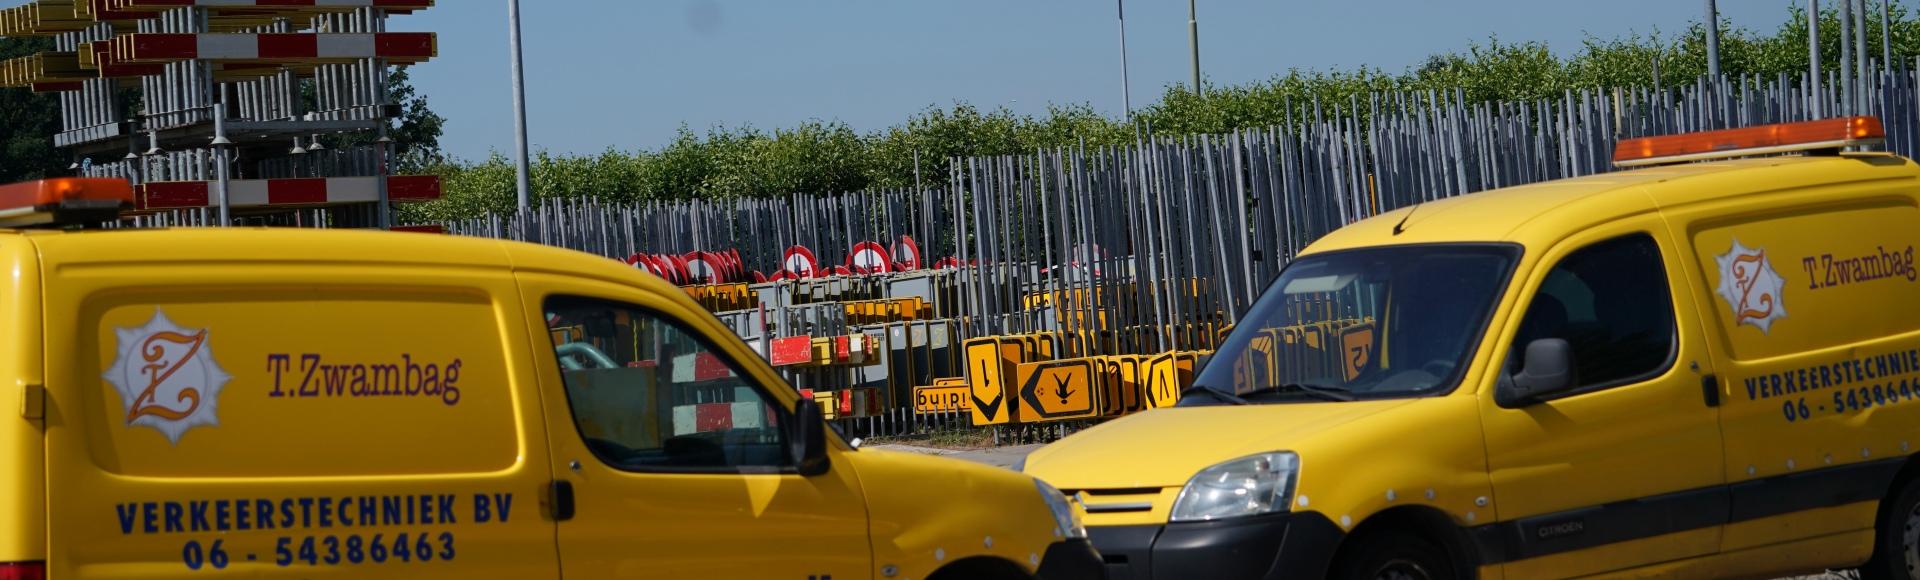 Verkeersdienst storingsdienst calamiteiten verkeer